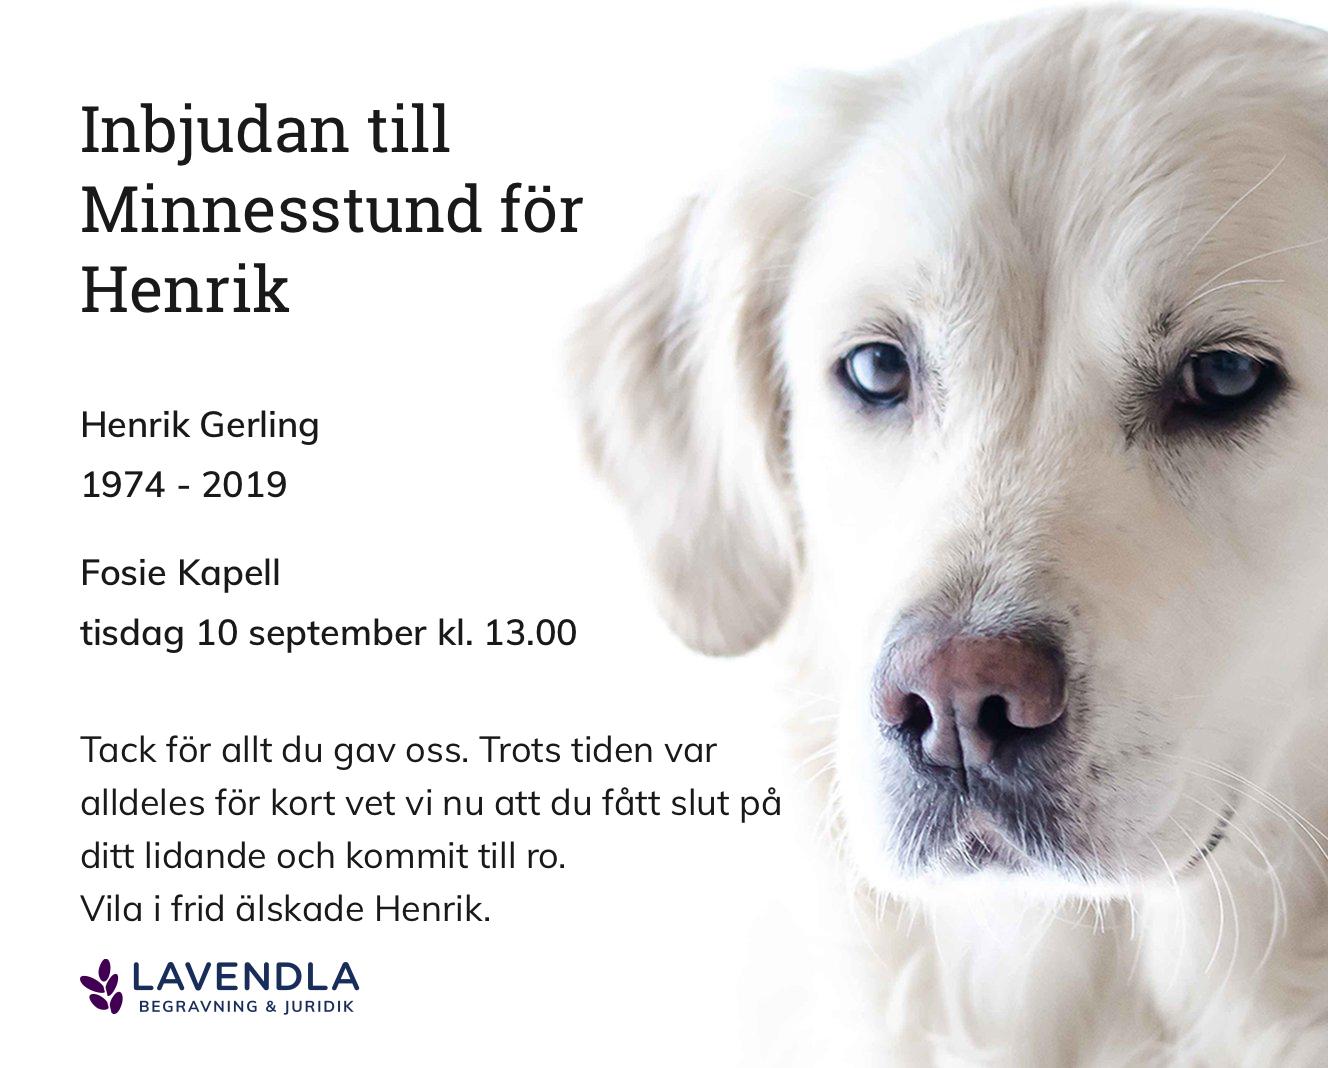 Inbjudningskort till ceremonin för Henrik Gerling